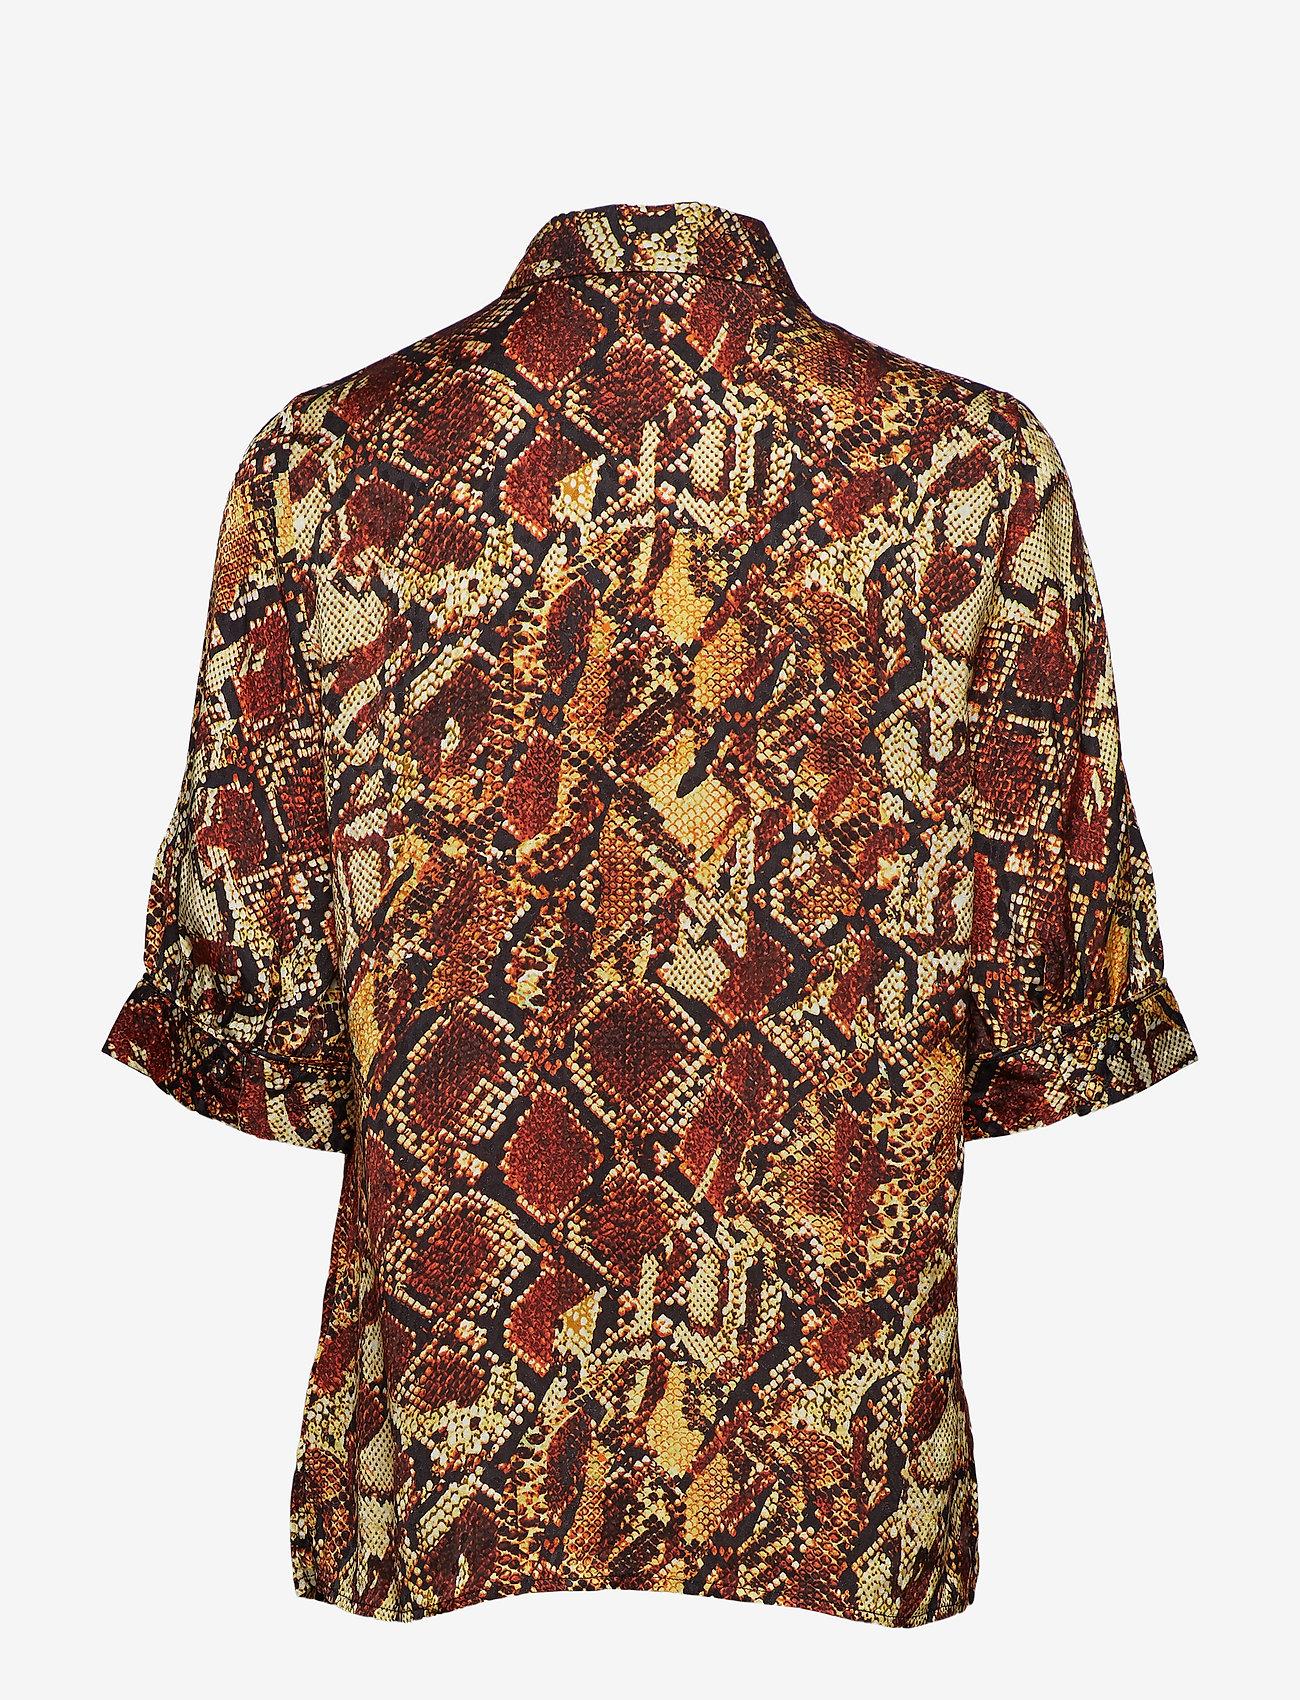 Gestuz - ChellaGZ shirt MA19 - lyhythihaiset puserot - red/yellow snake